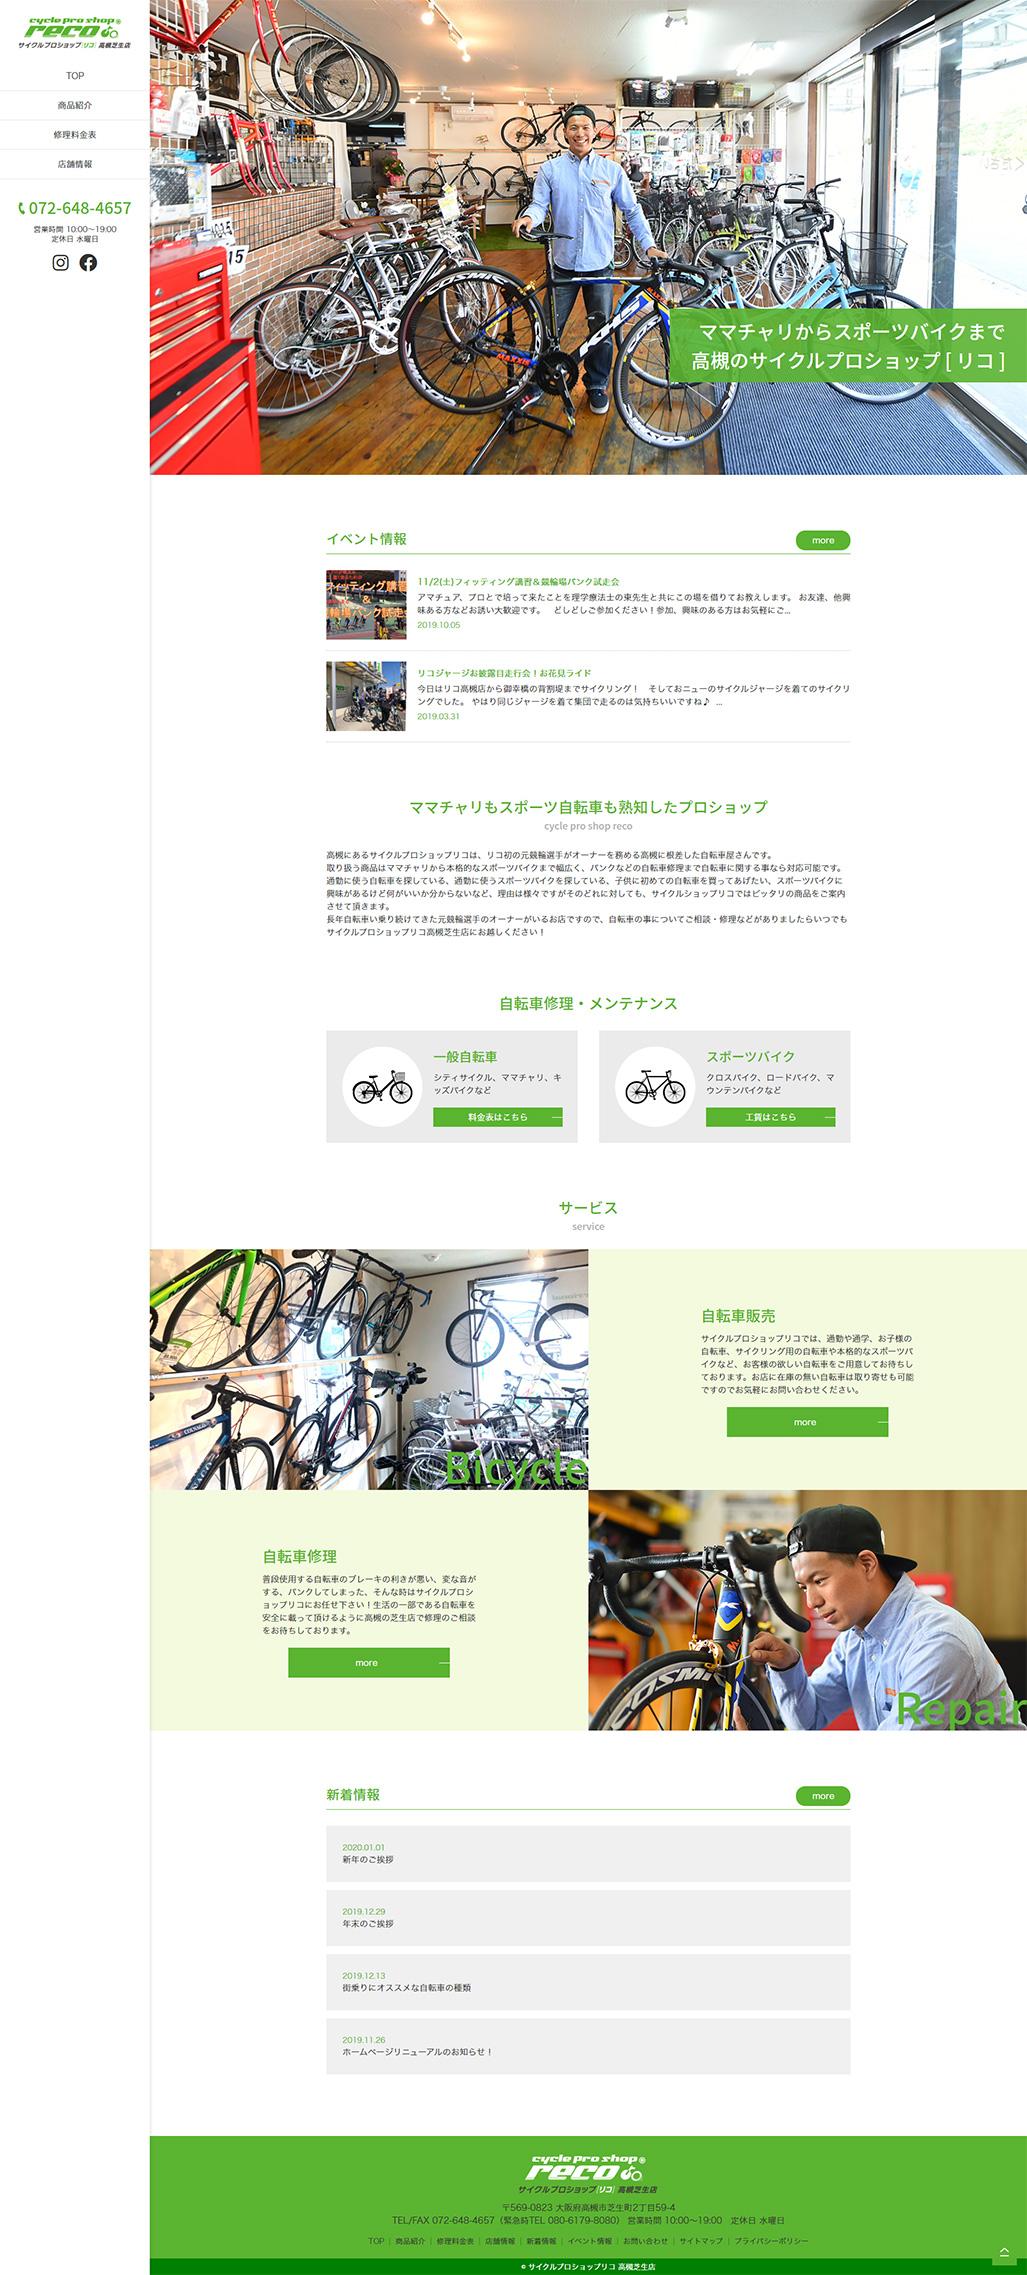 サイクルプロショップリコ 高槻芝生店PCサイトTOP画像